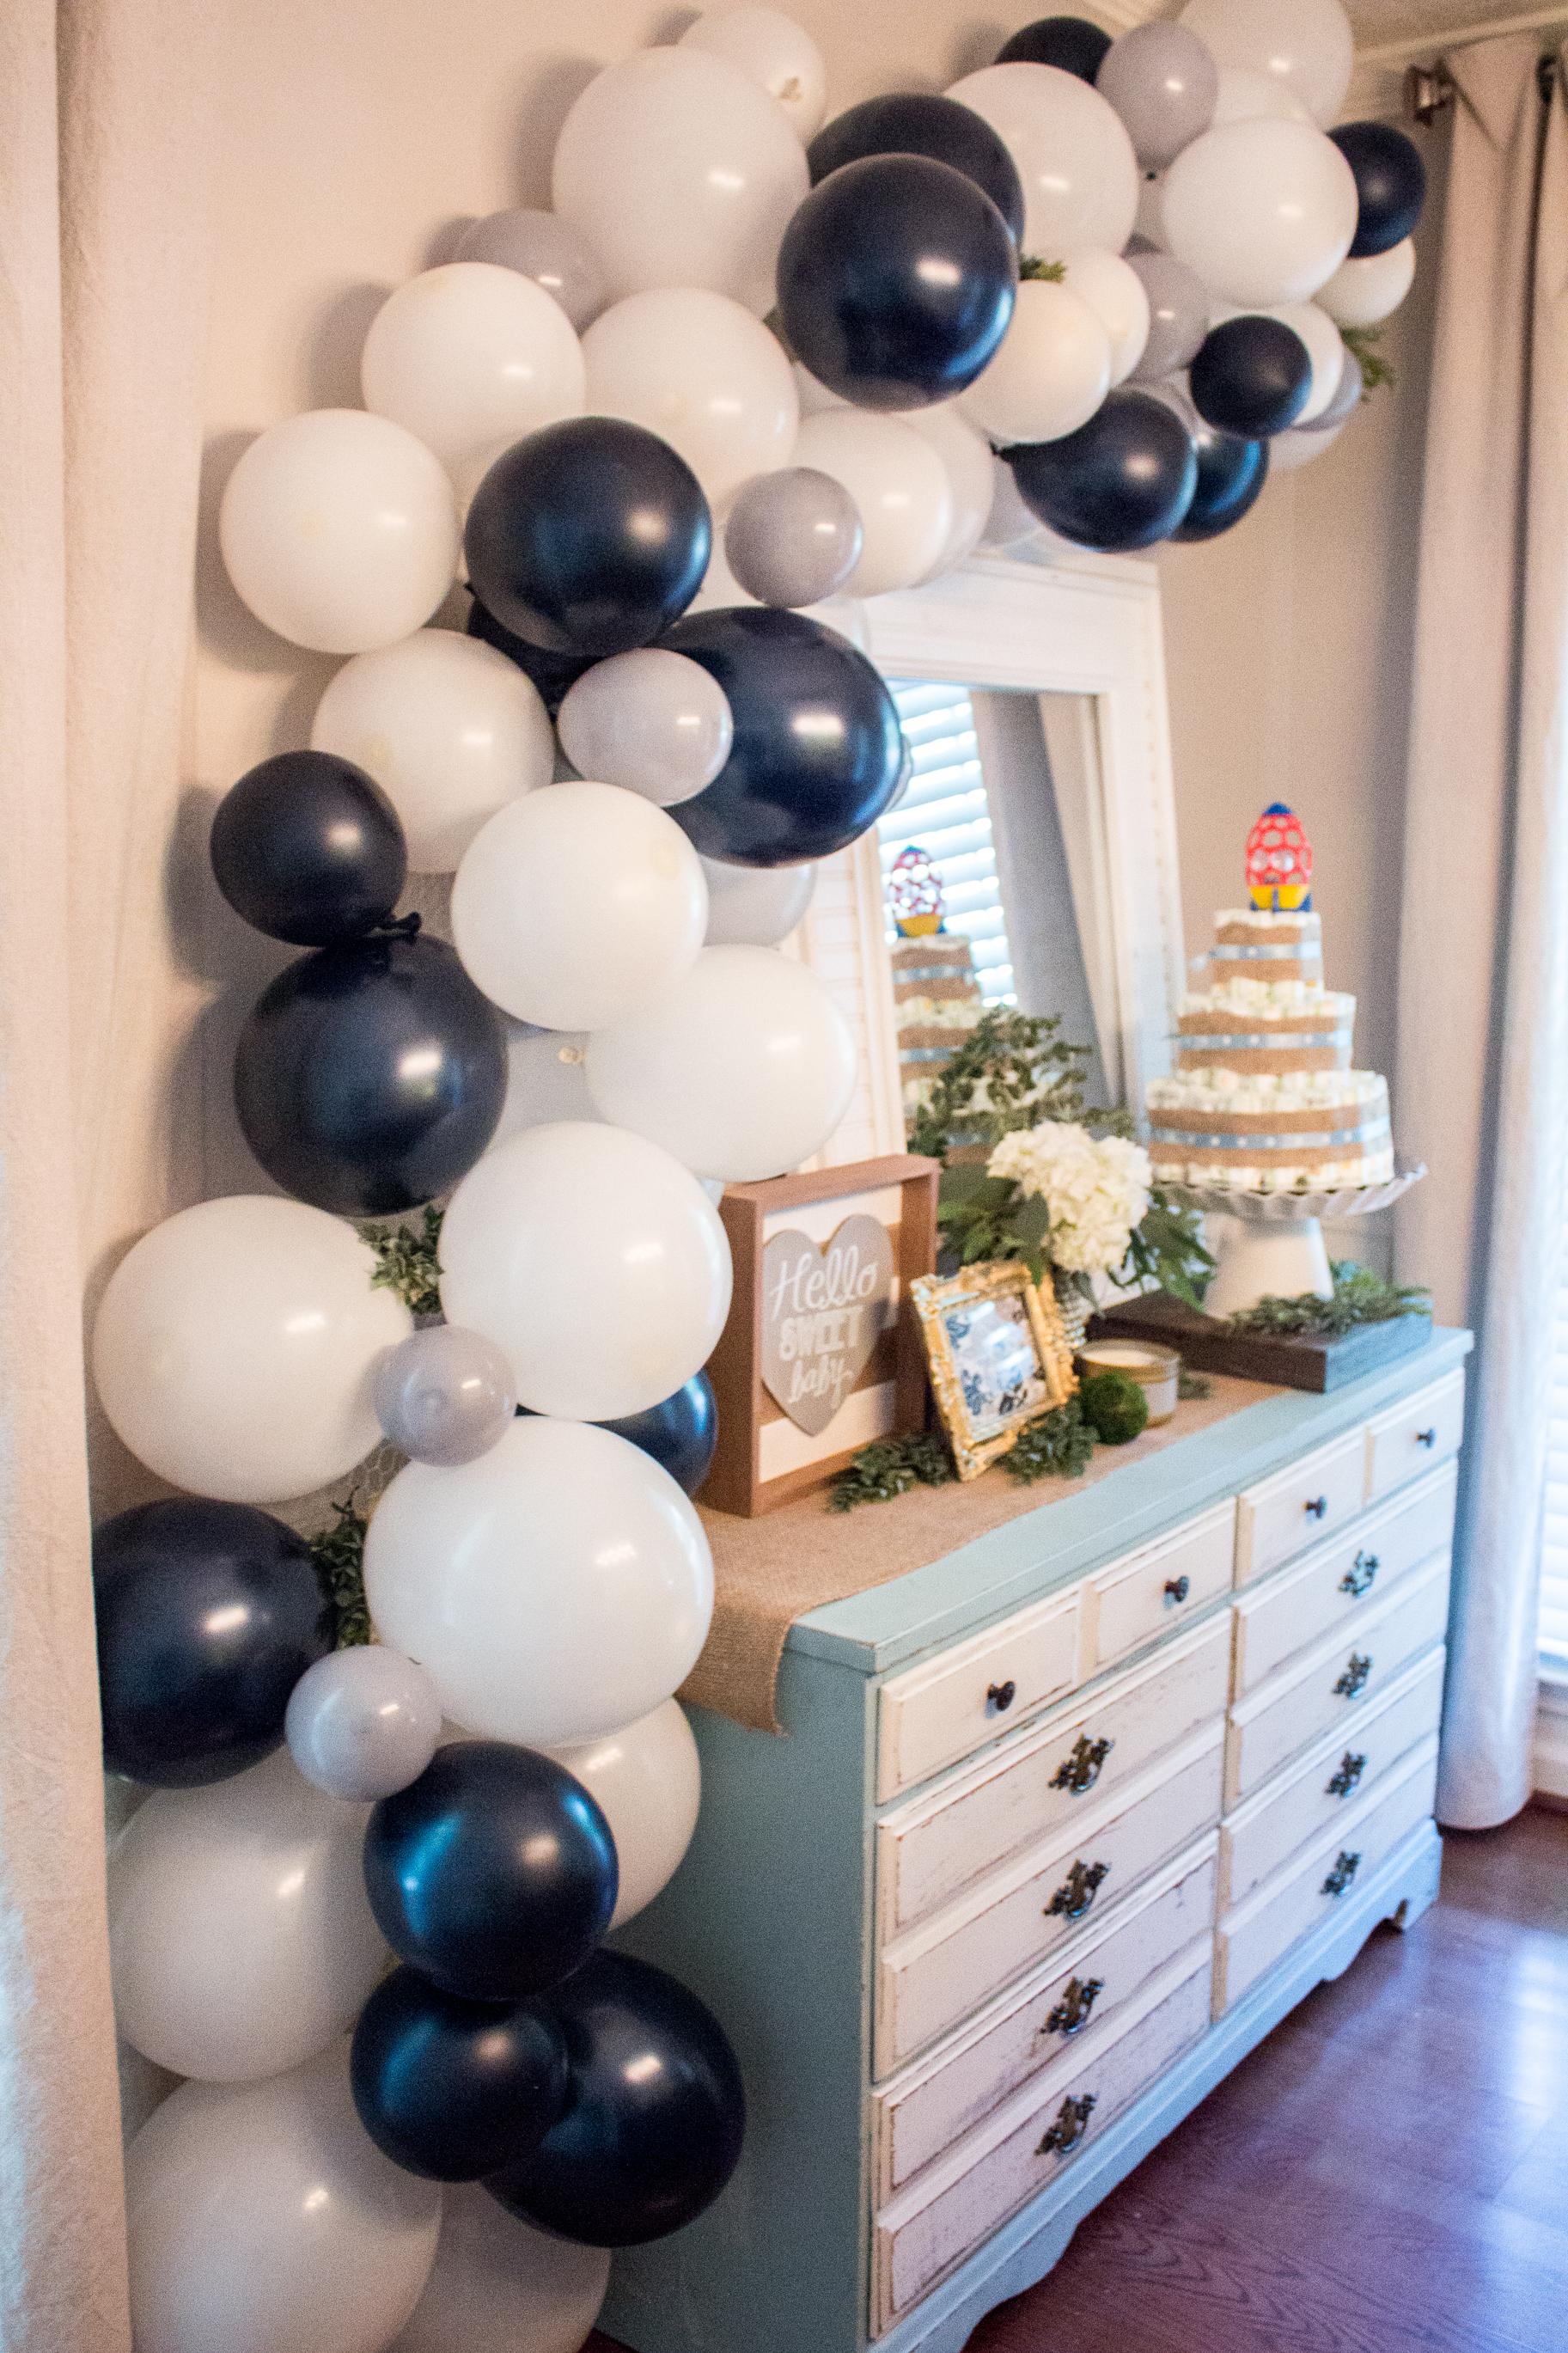 balloon-garland-backdrop